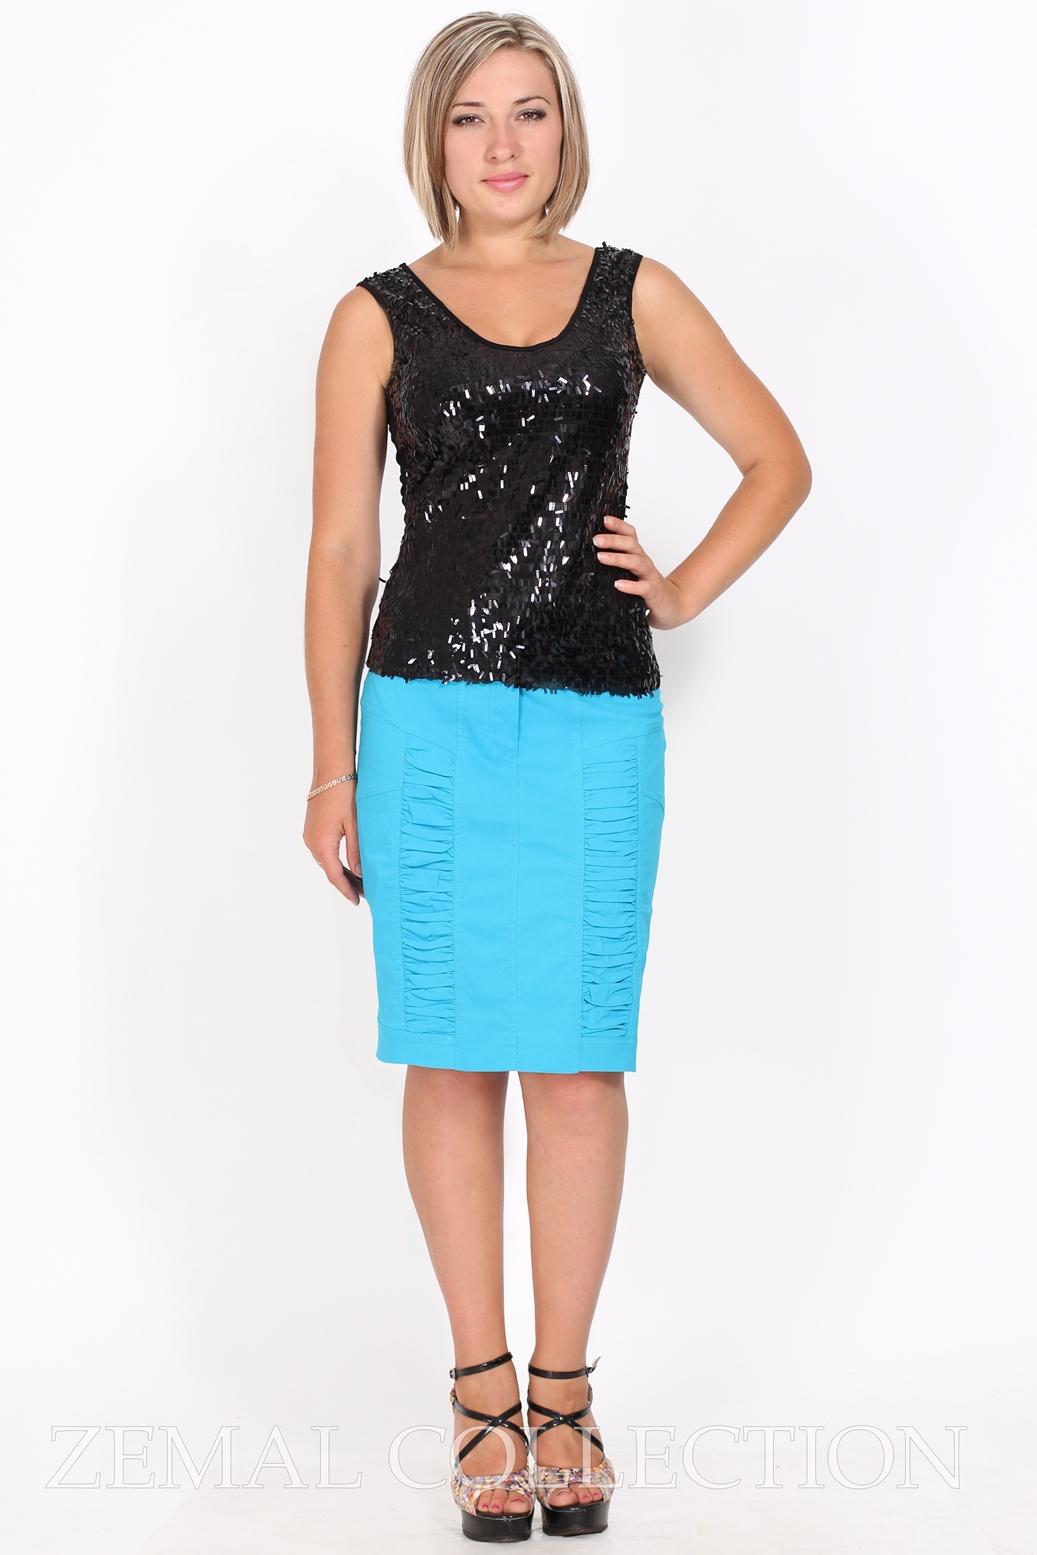 Женские юбки от производителя